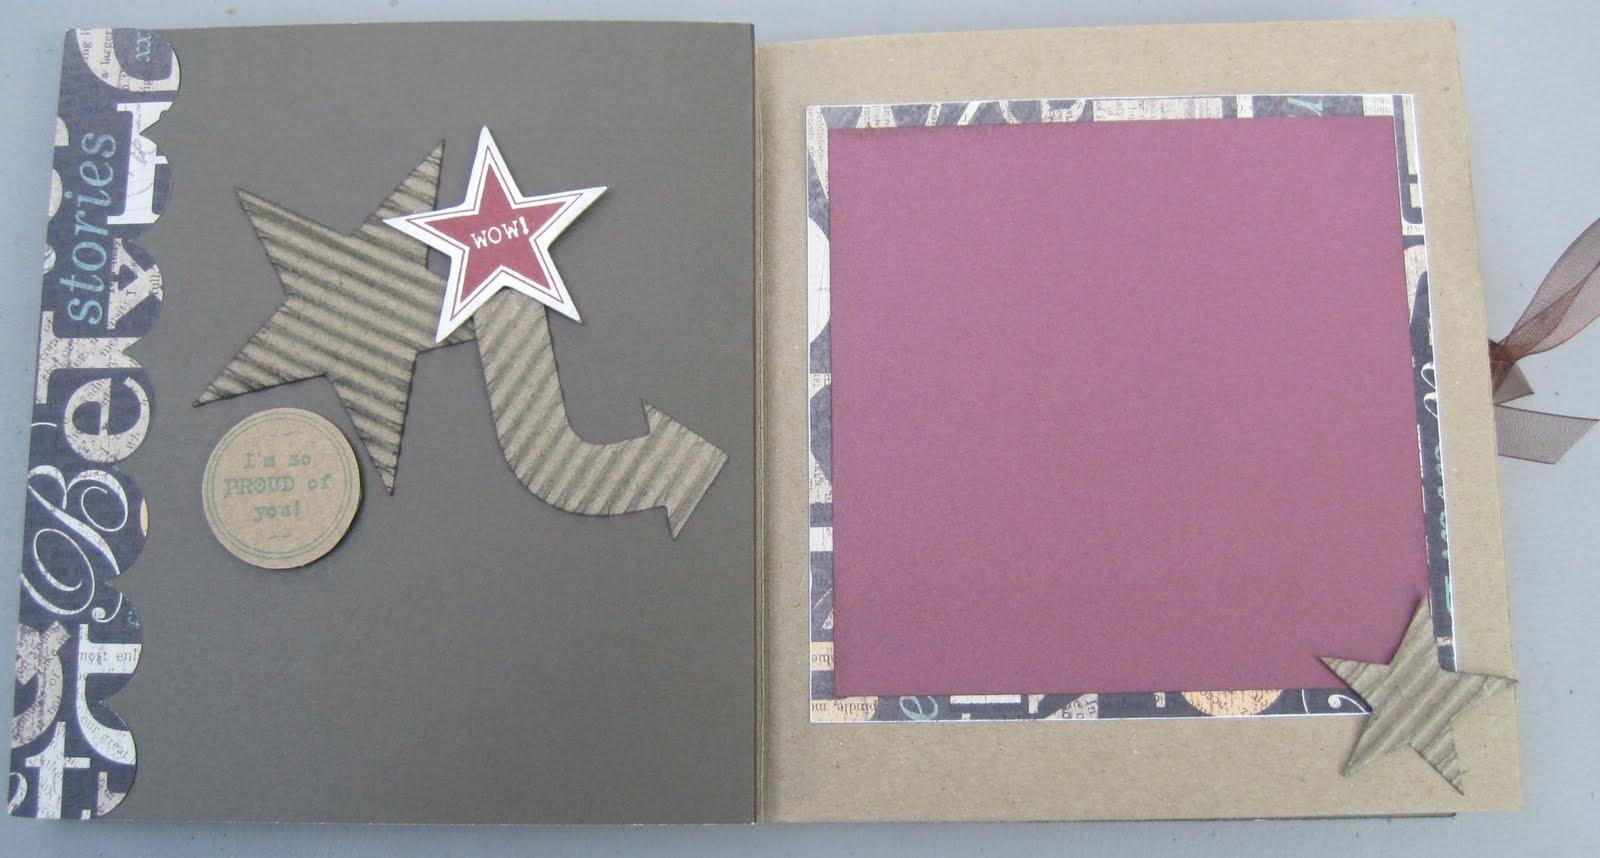 How to make scrapbook for school project - Scrapbook 2011 115 Jpg